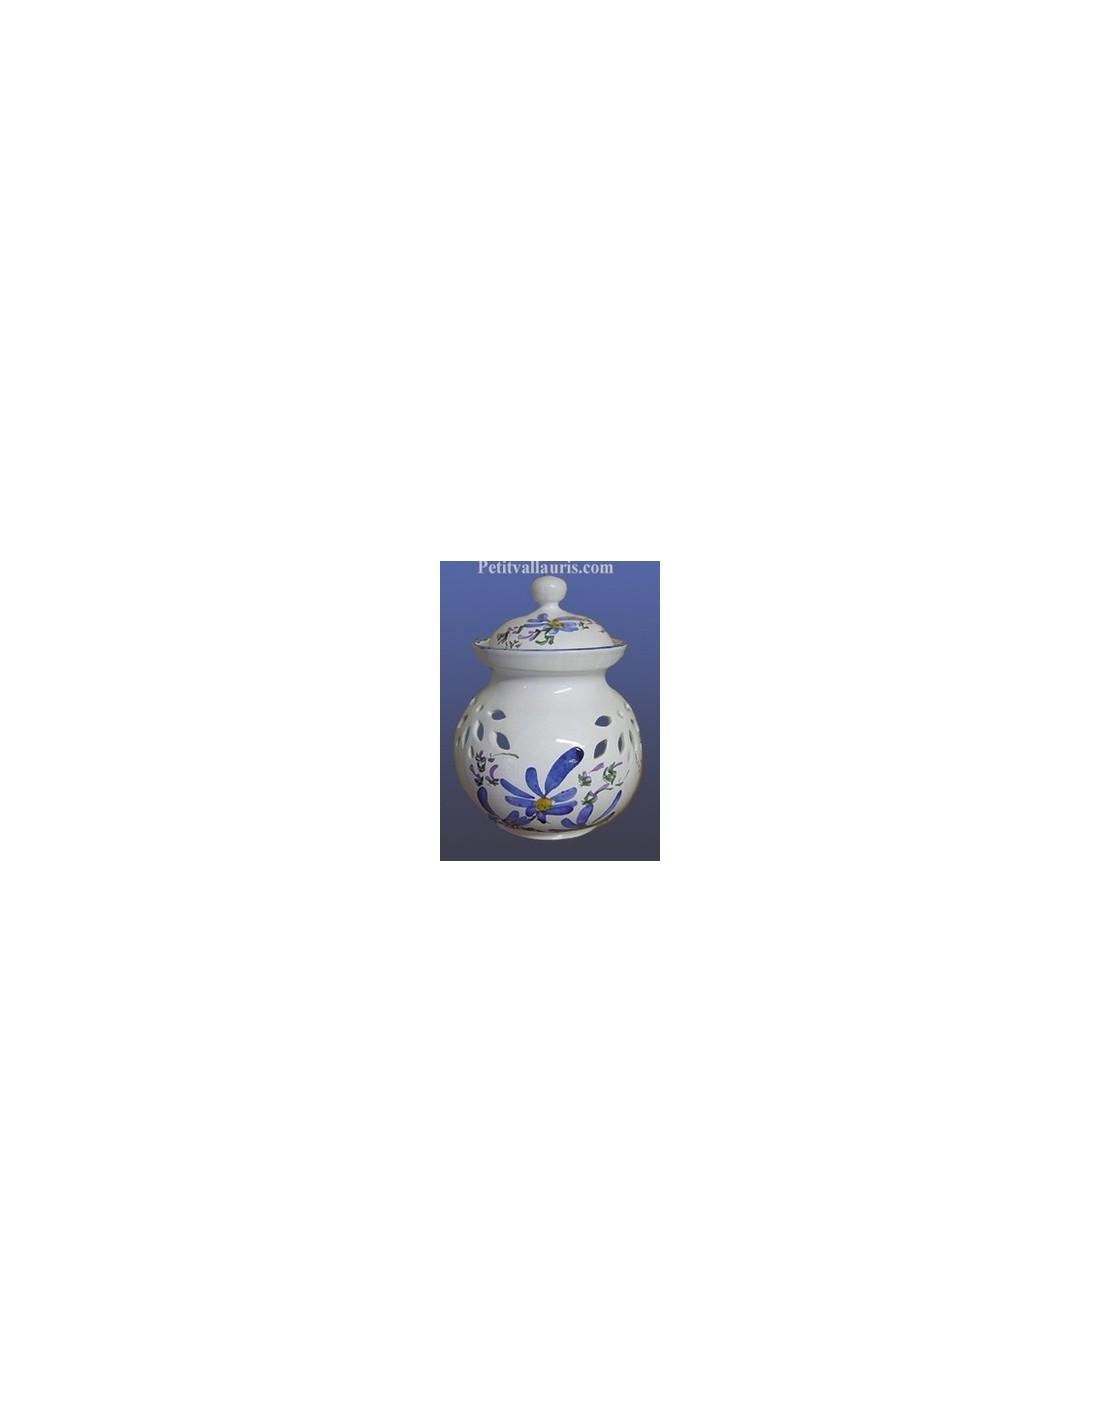 pot conservateur oignons en fa ence pour la cuisine d cor artisanal fleurs bleues le petit. Black Bedroom Furniture Sets. Home Design Ideas